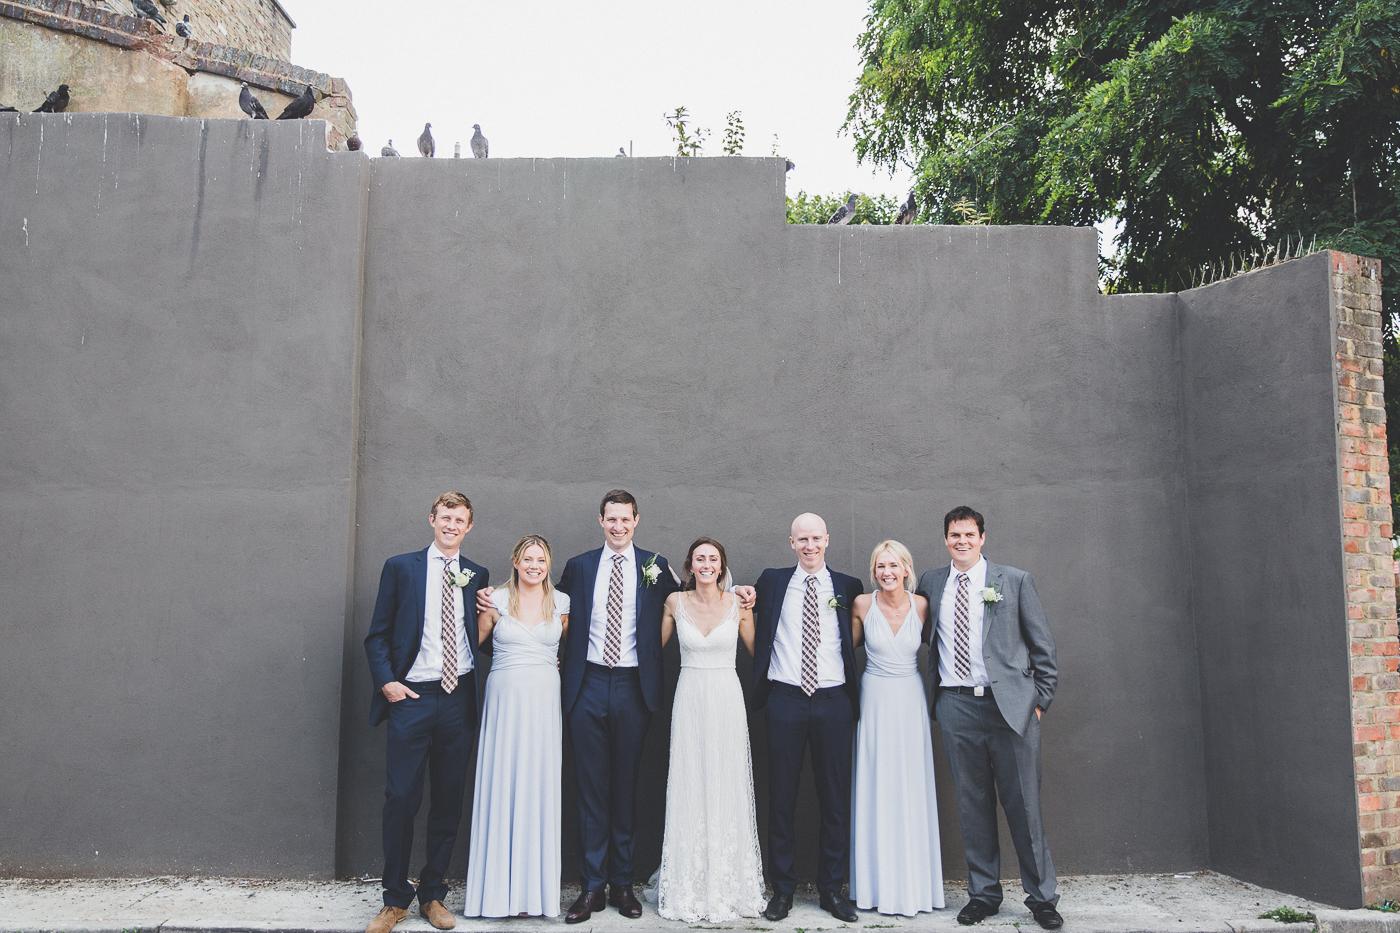 london-wedding-photographer-66.jpg